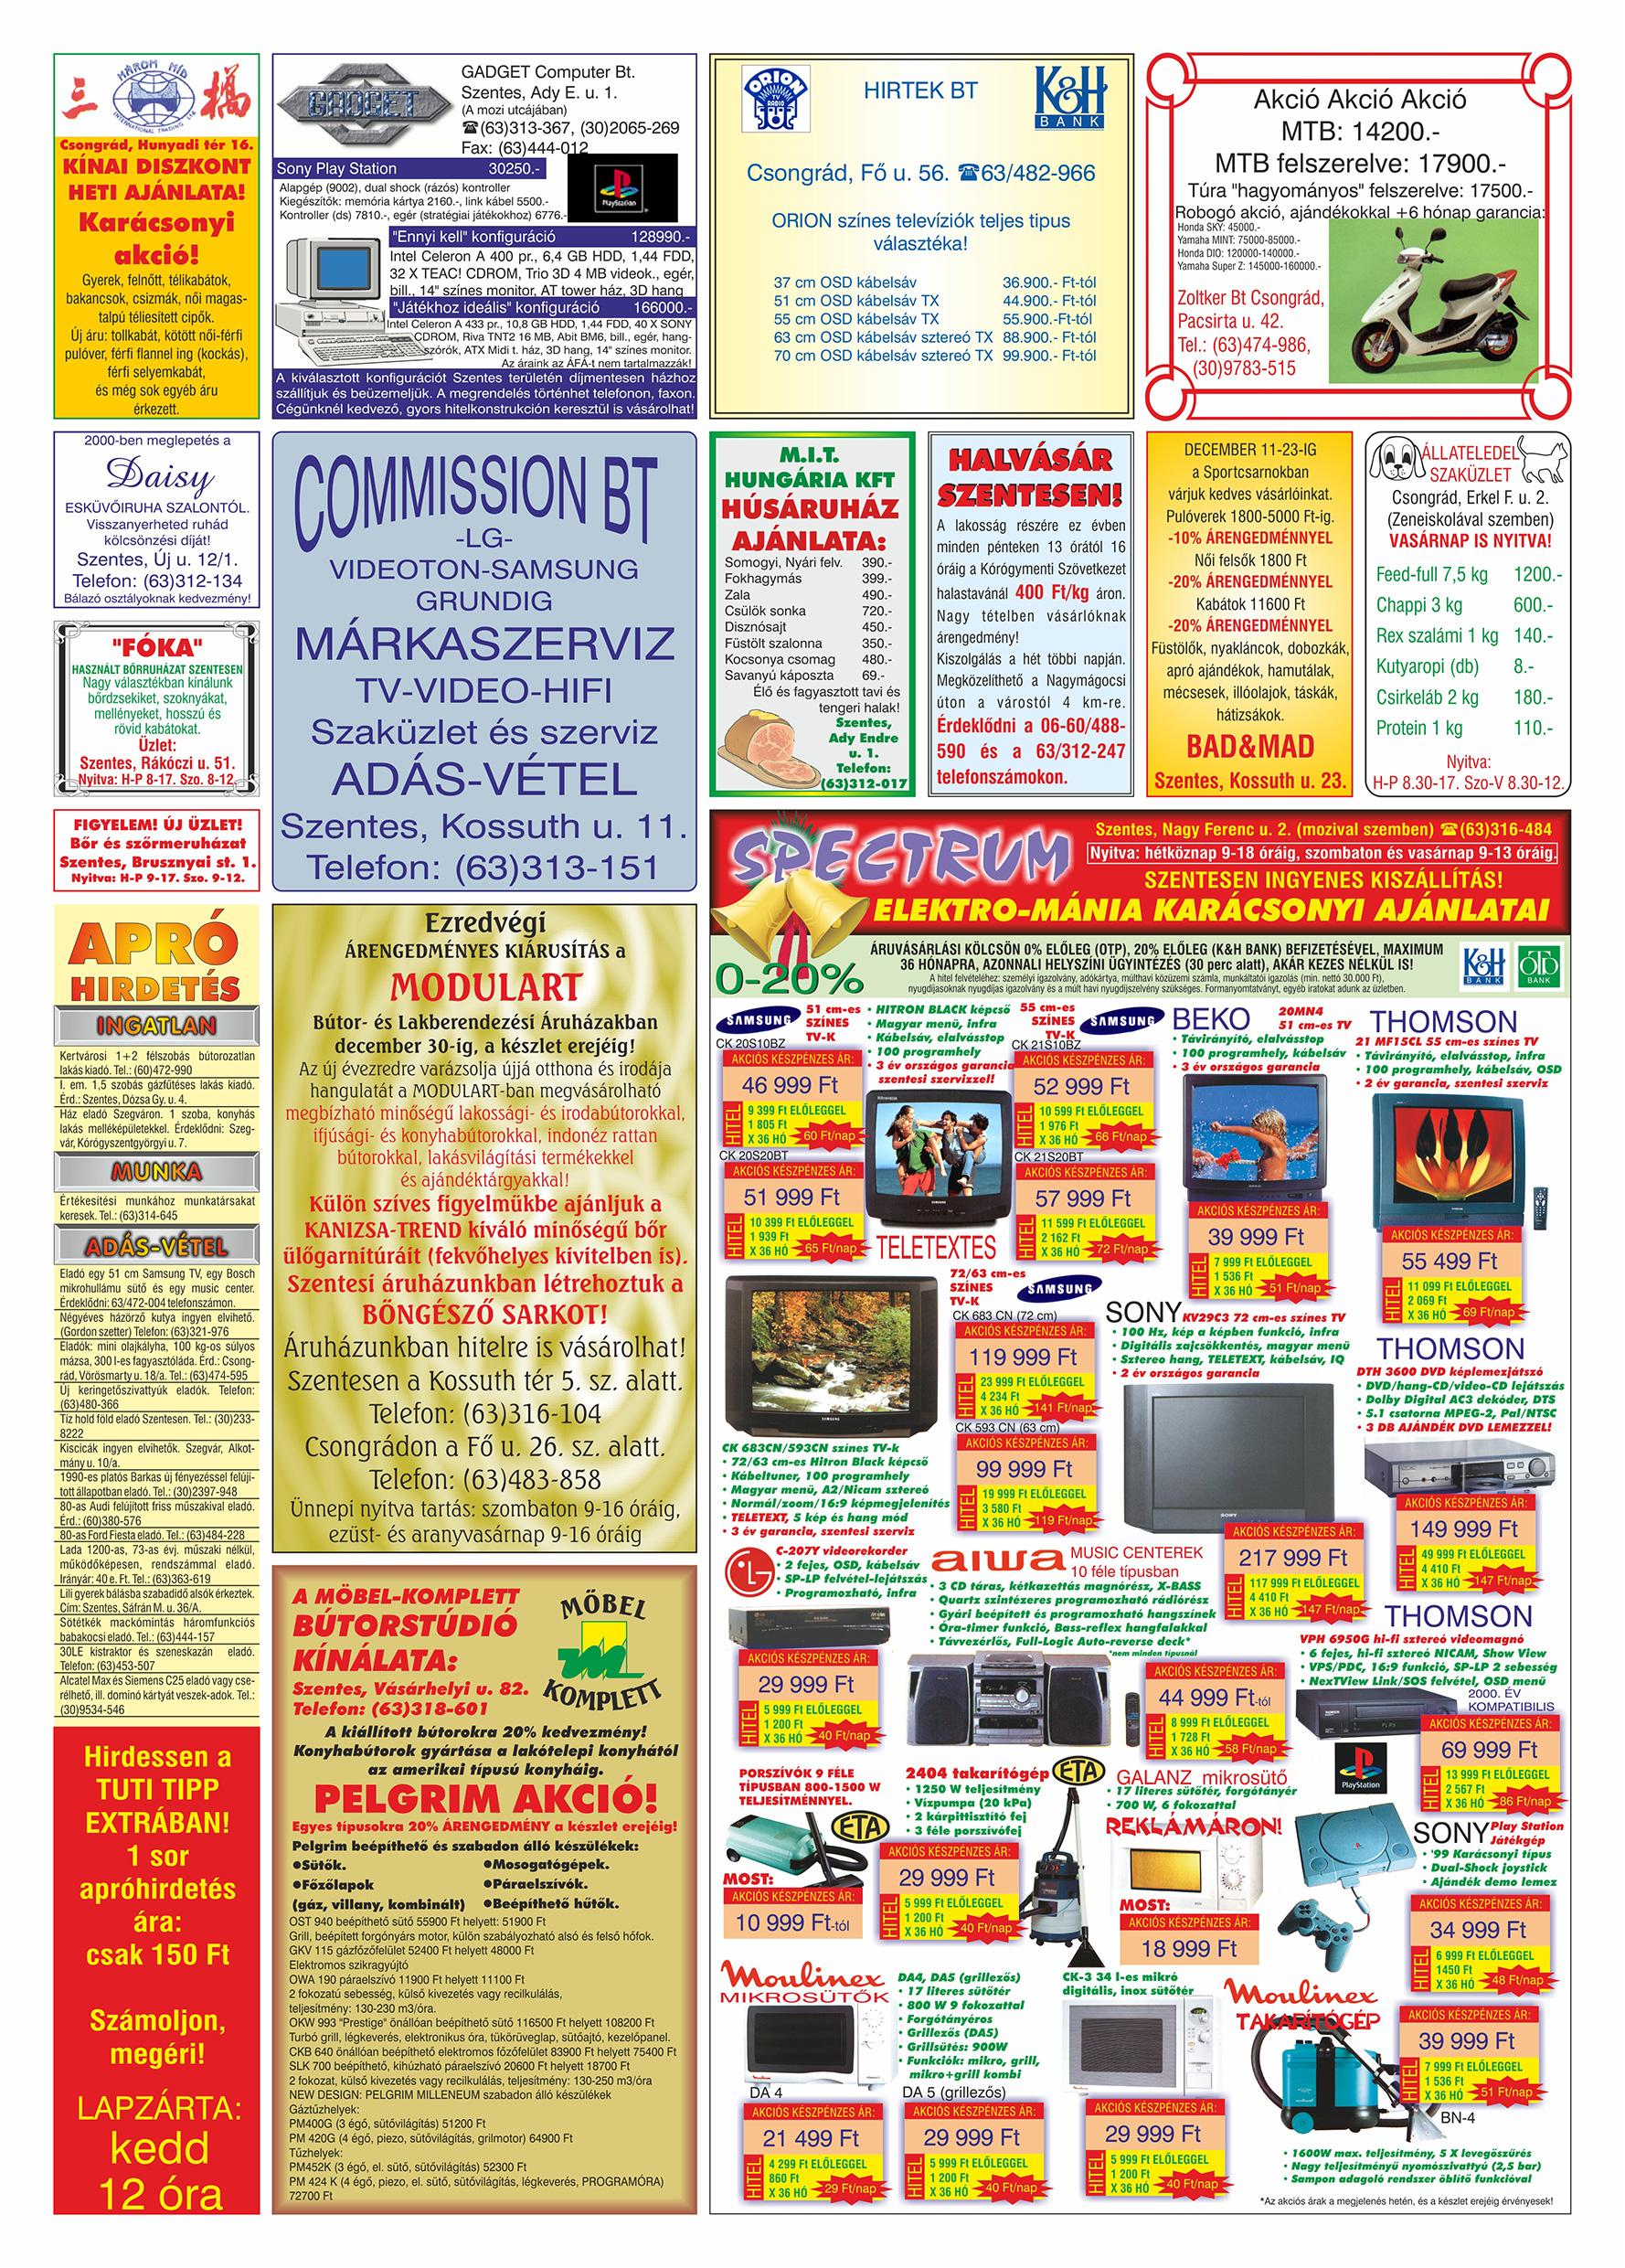 078 Tuti Tipp Extra reklámújság - 19991211-025. lapszám - 2.oldal - V. évfolyam.jpg